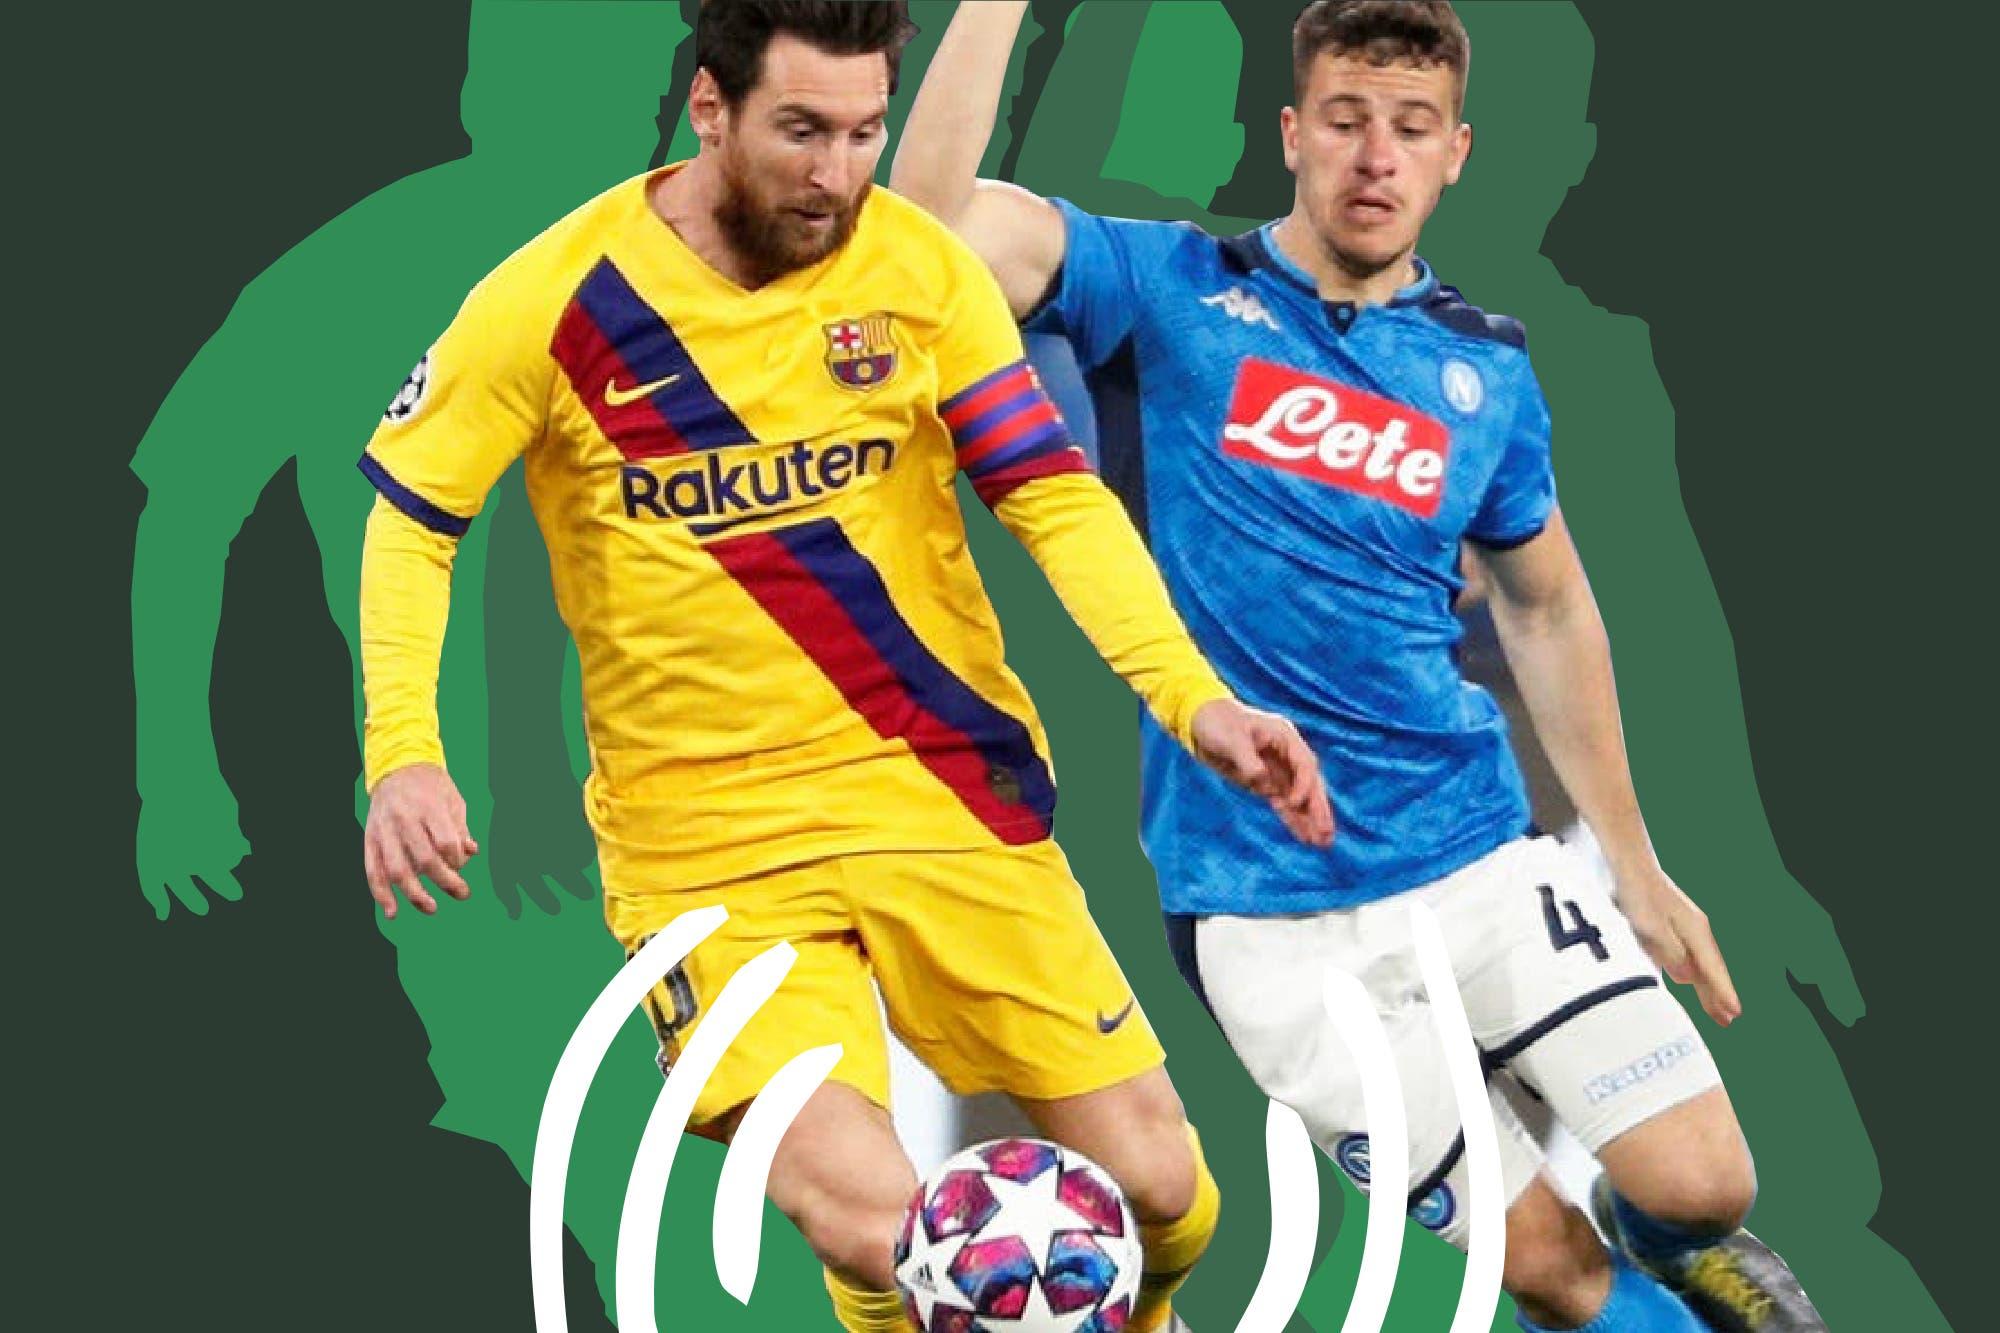 """La agenda de TV del lunes: cuatro duelos imperdibles de la Champions, Boca, Jaguares y """"El caso Benzema"""""""